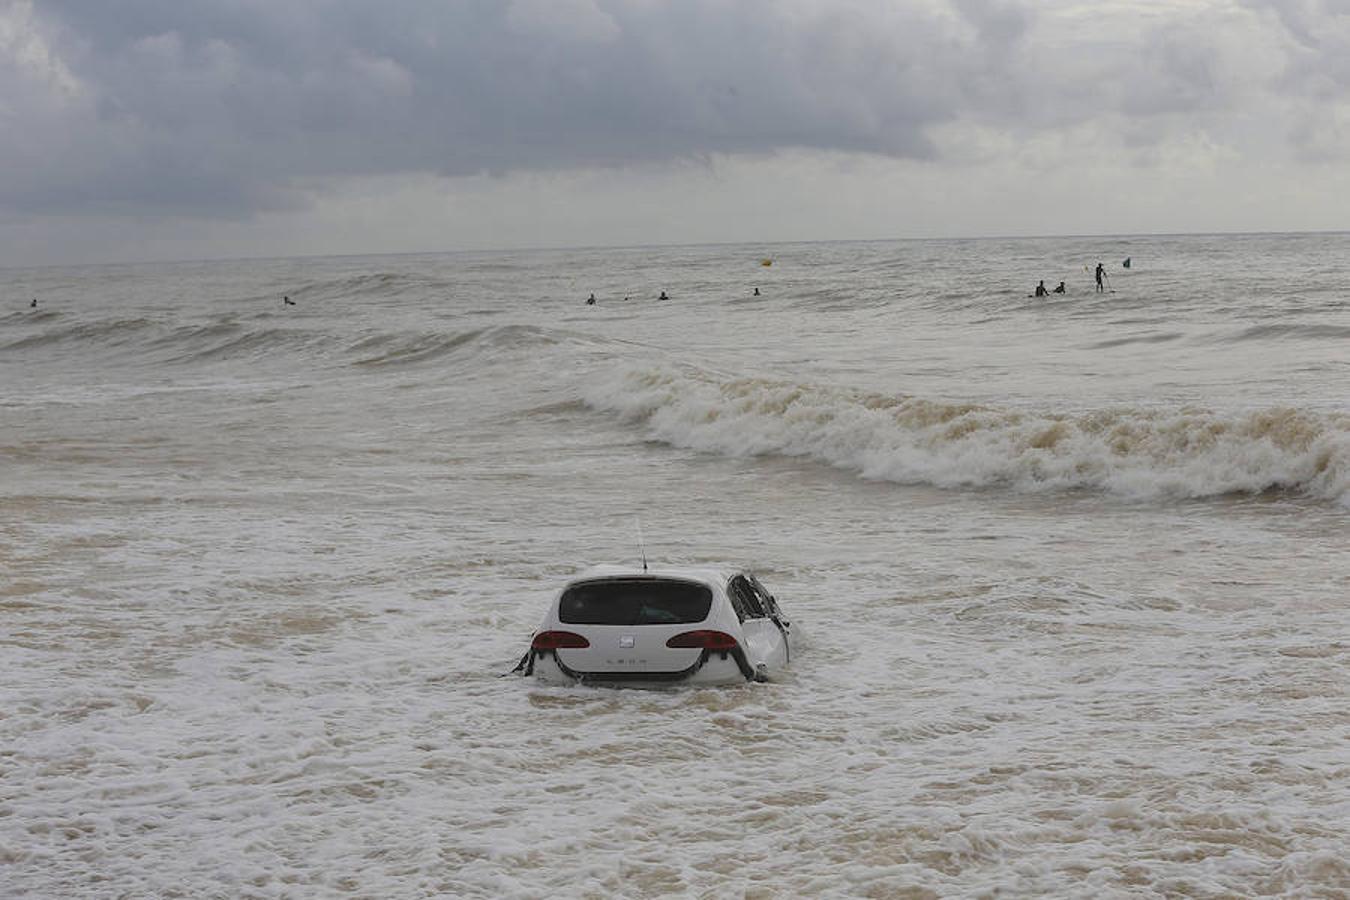 Un coche arrastrado hasta la playa de Vilassar de Mar (Barcelona), a causa de la tormenta que cayó este miércoles, y que costó la vida a un vecino de Mataró, arrastrado en su coche por la lluvia.